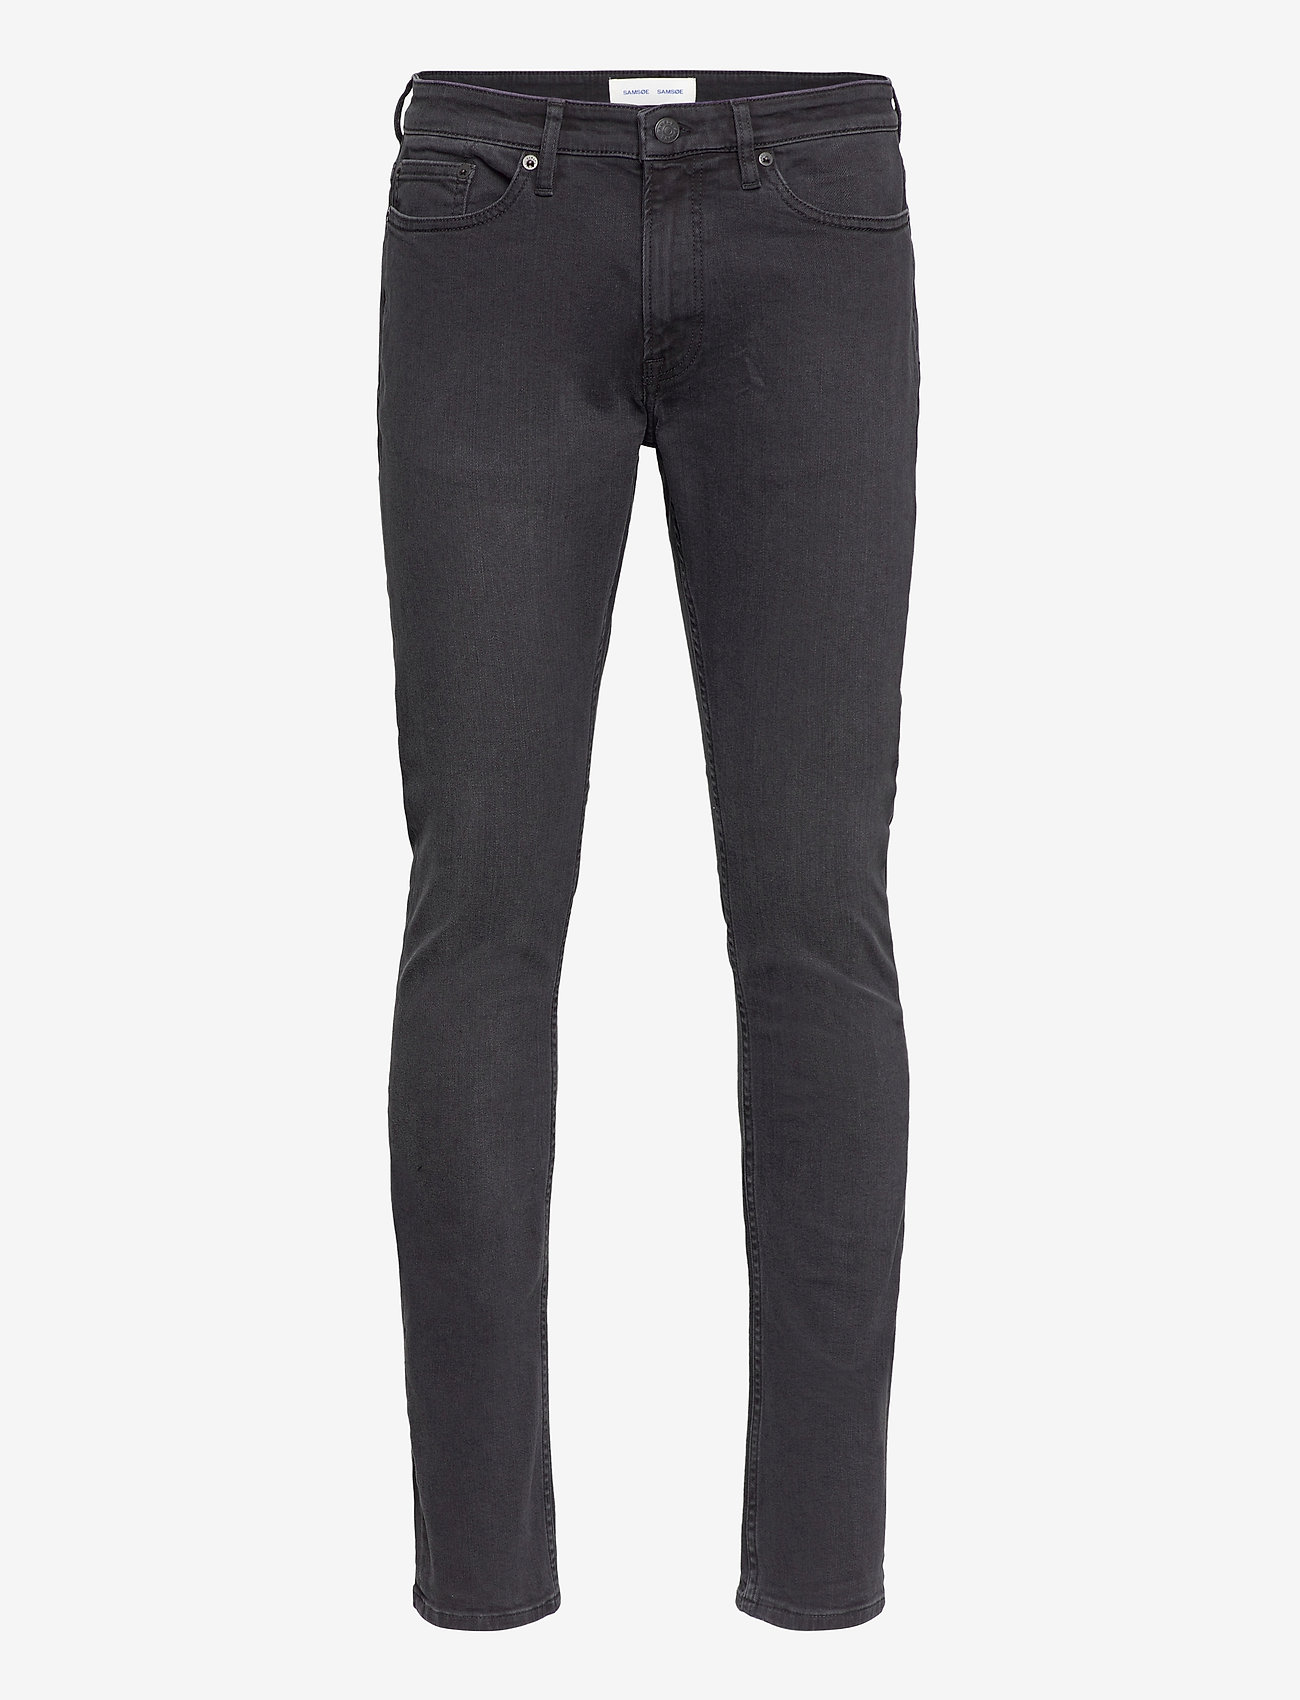 Samsøe Samsøe - Stefan jean 5891 - džinsa bikses ar tievām starām - worn black - 0